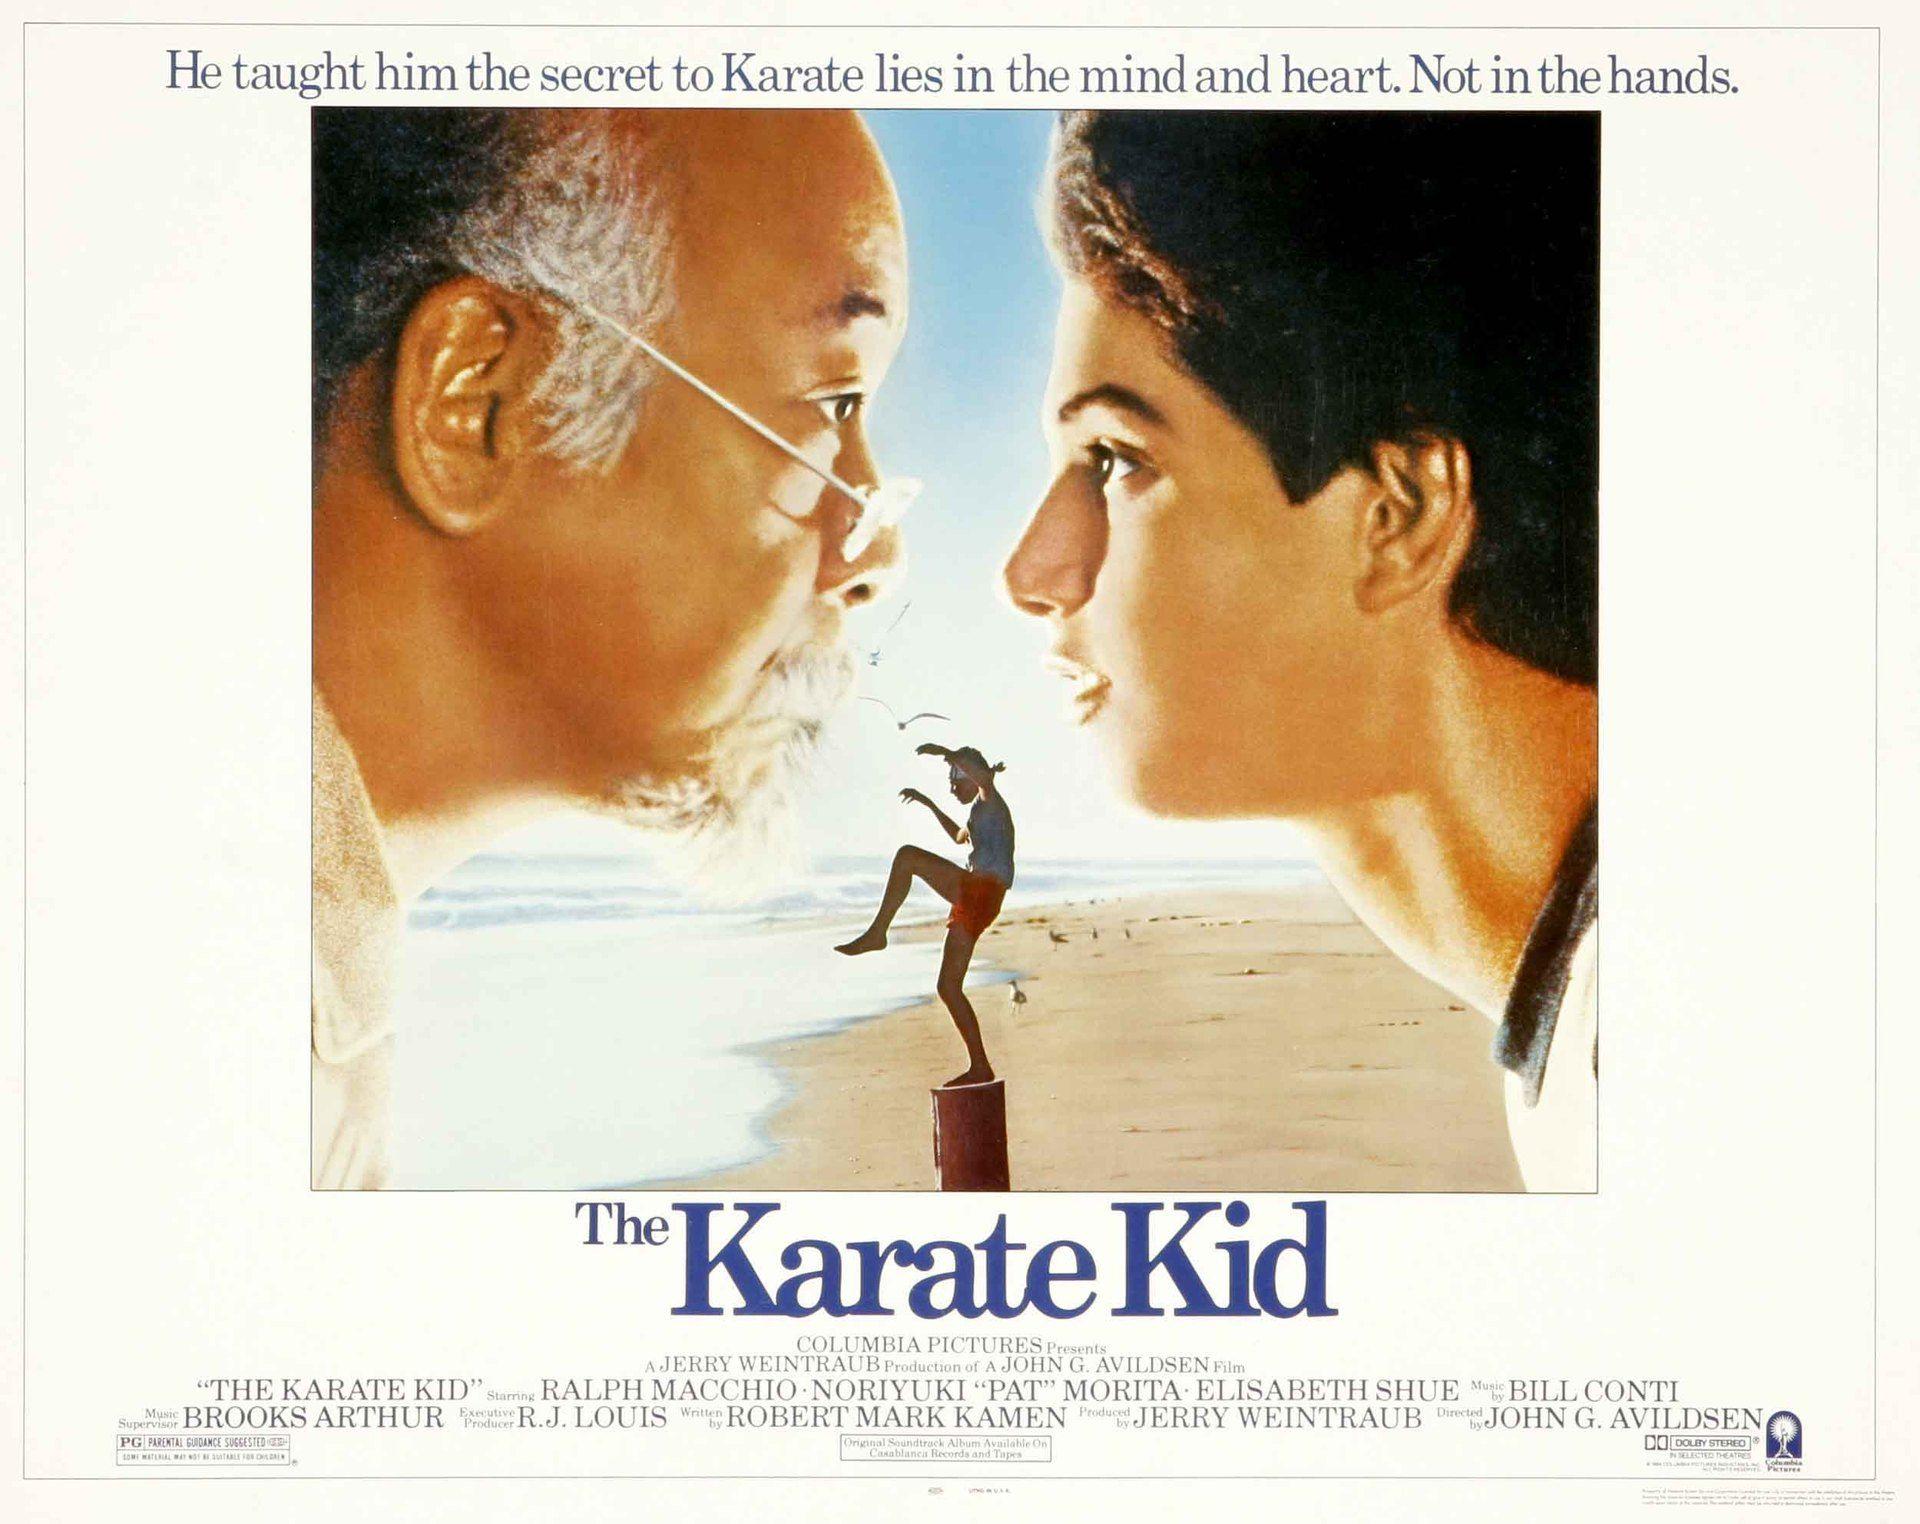 Karate Kid Movie 84 Karate Kid The Karate Kid 1984 Kids Movie Poster